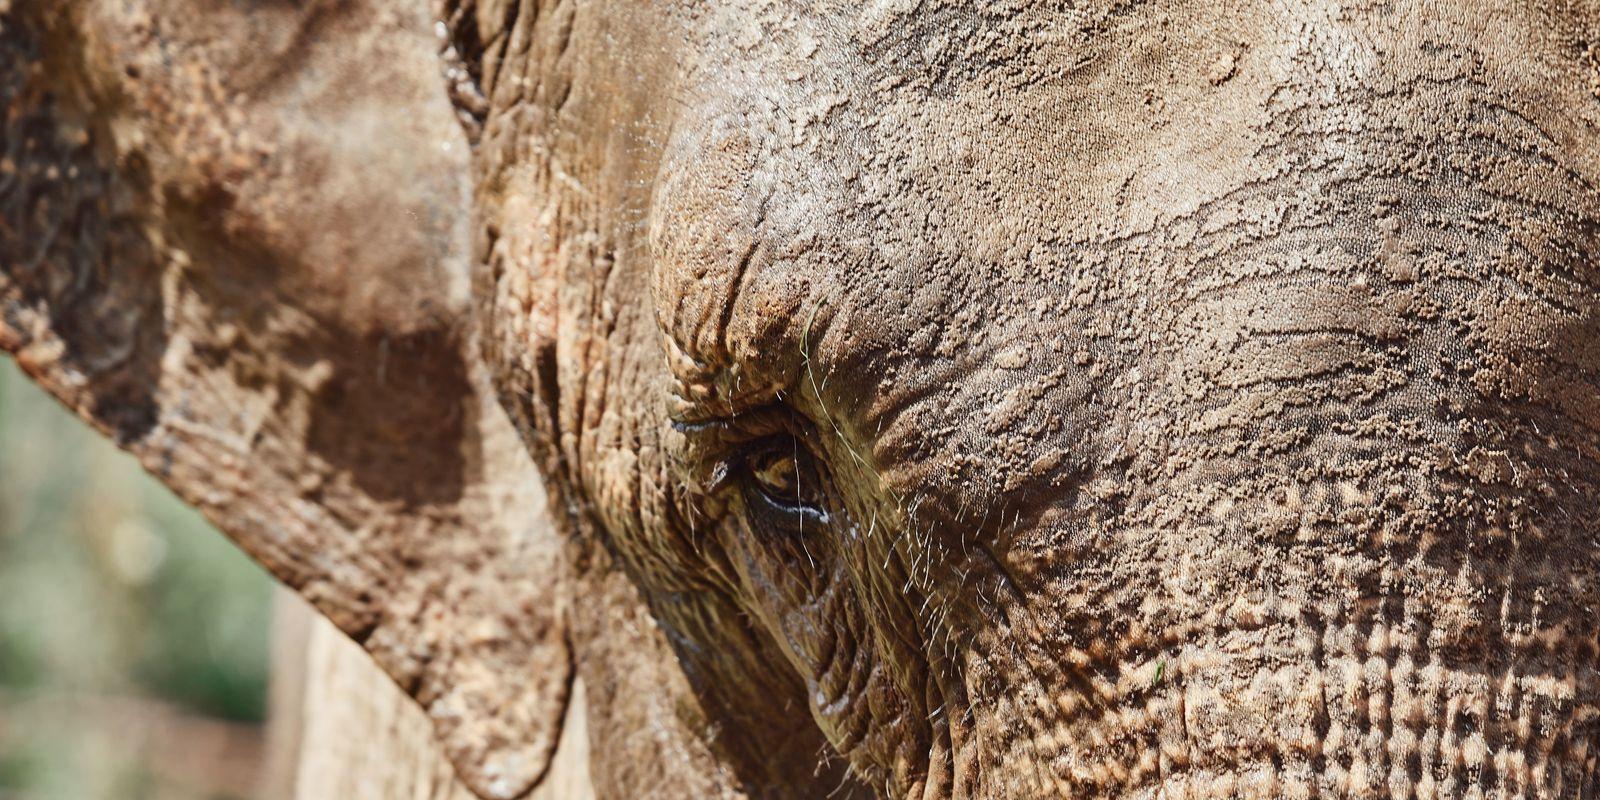 Tiempos de pandemia: el traslado de la elefanta Mara de Argentina a Brasil en medio de ...